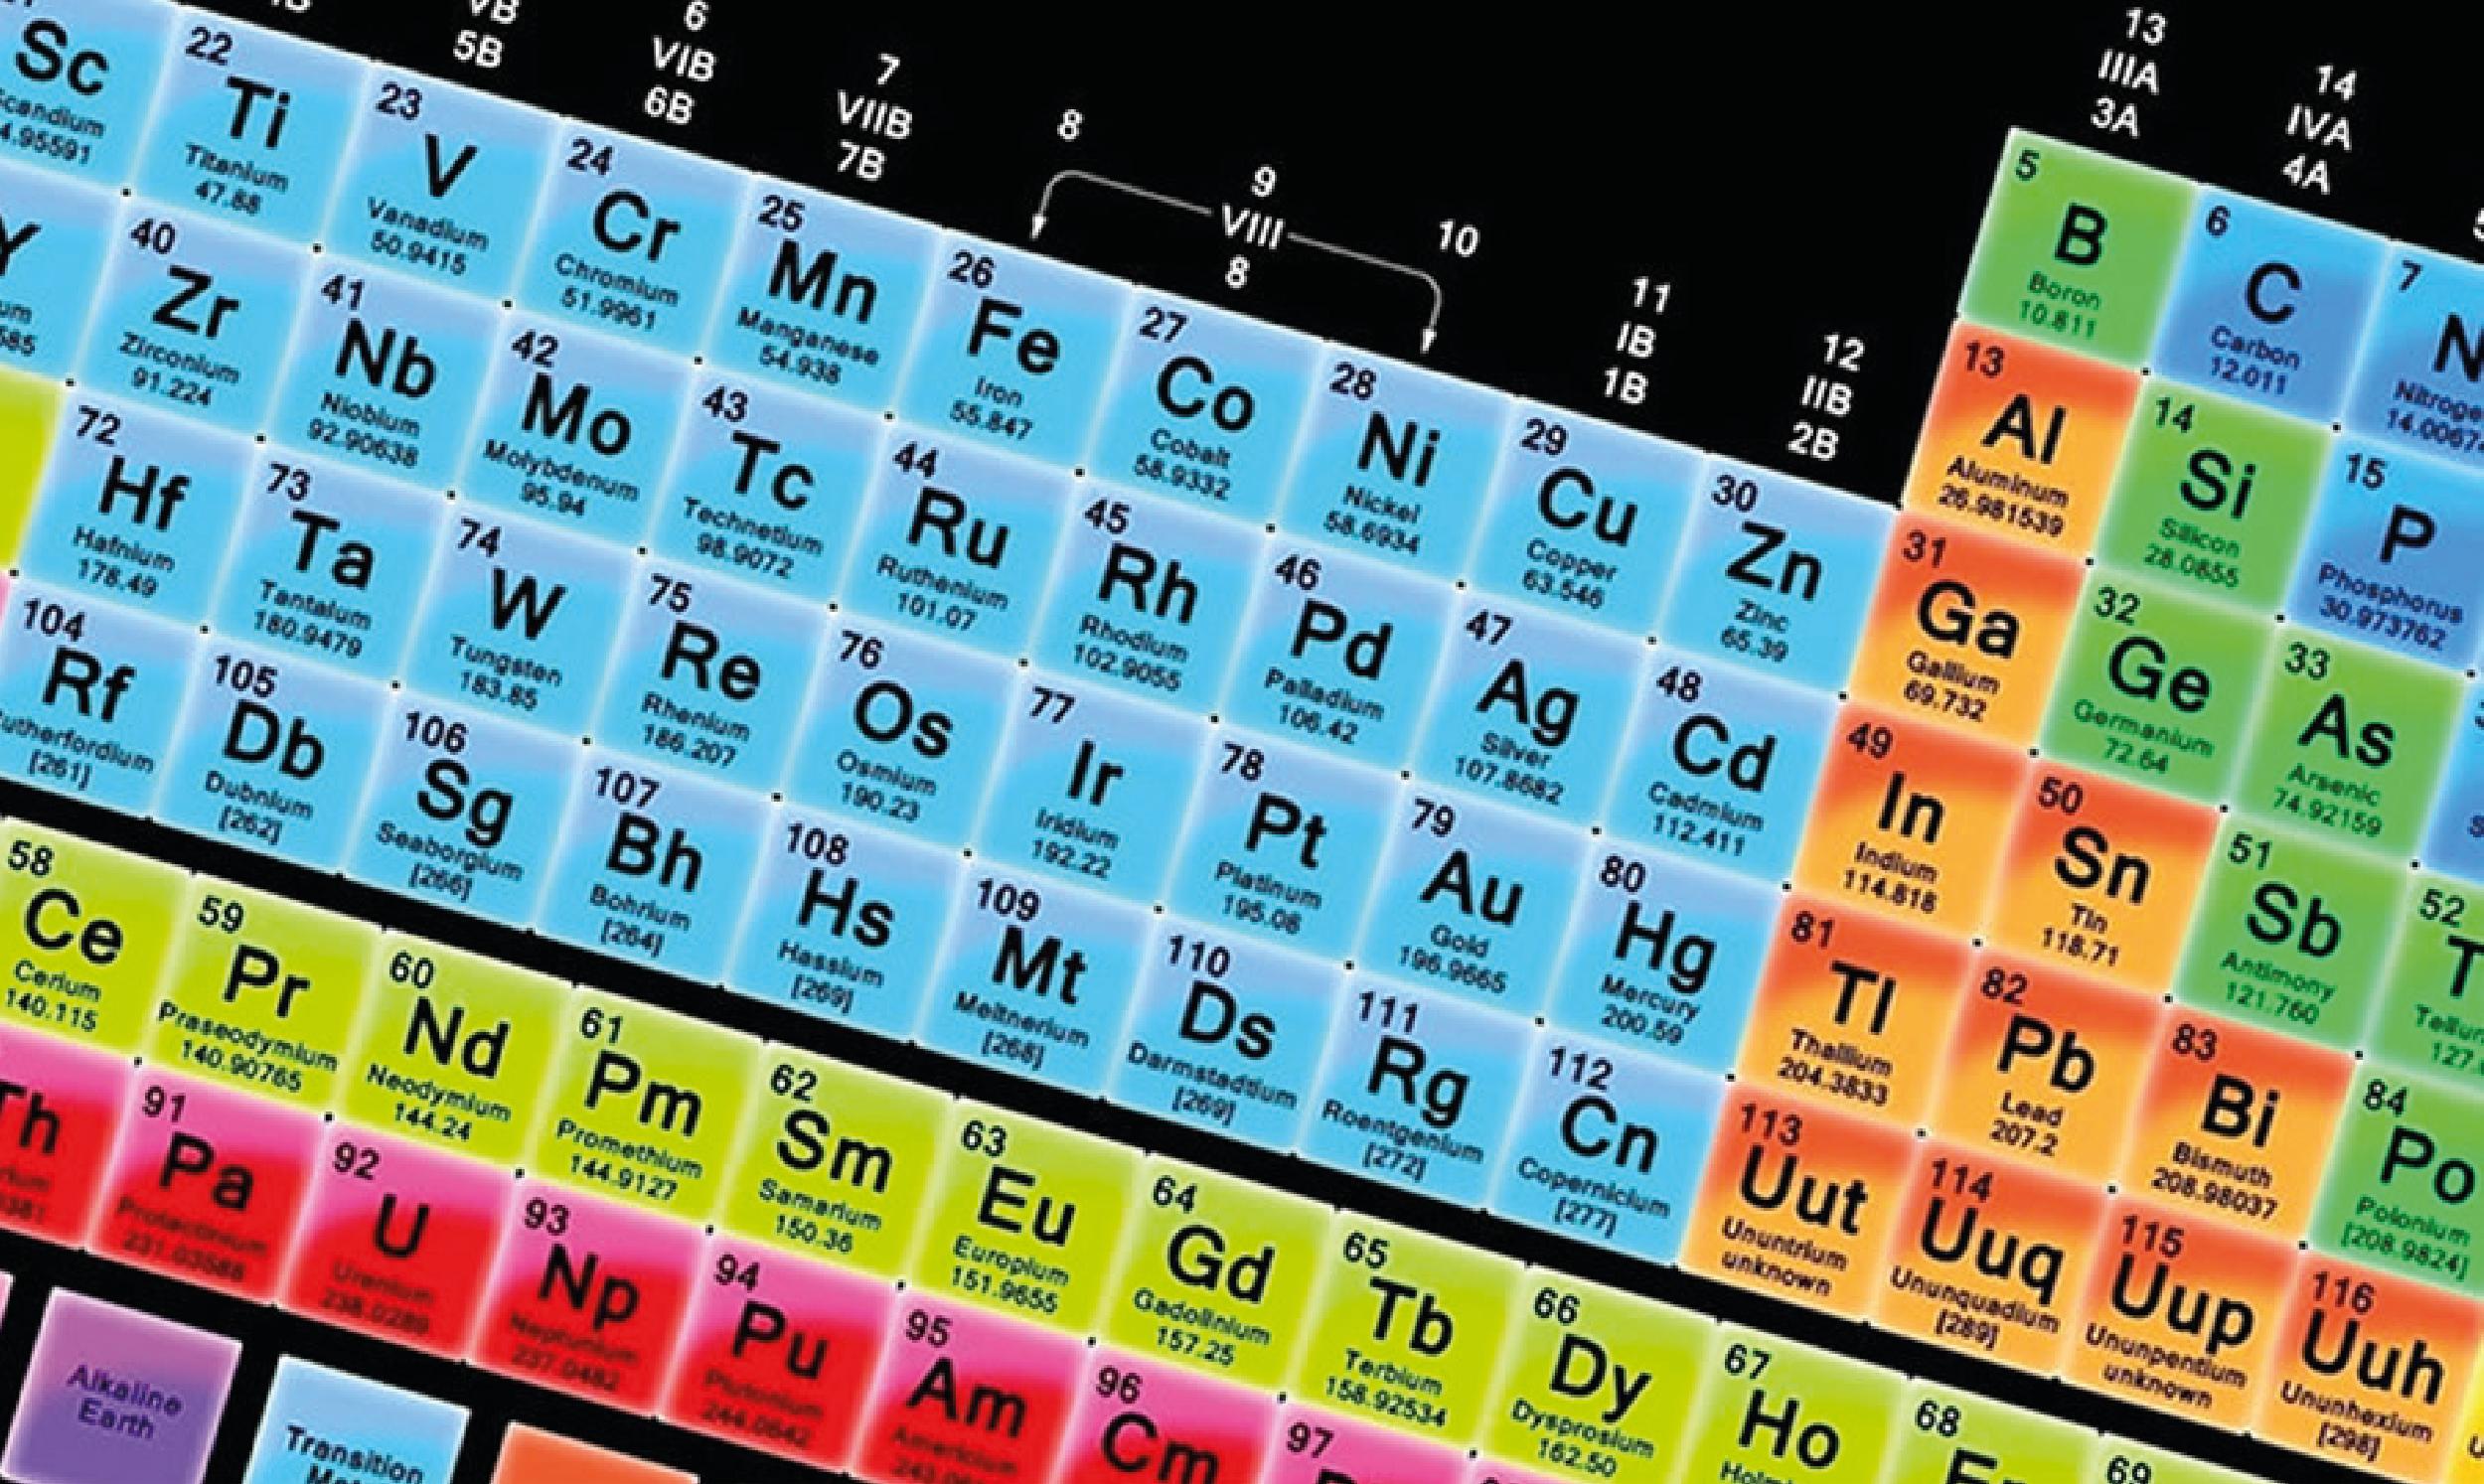 La Tabla Periódica tiene 4 elementos nuevos